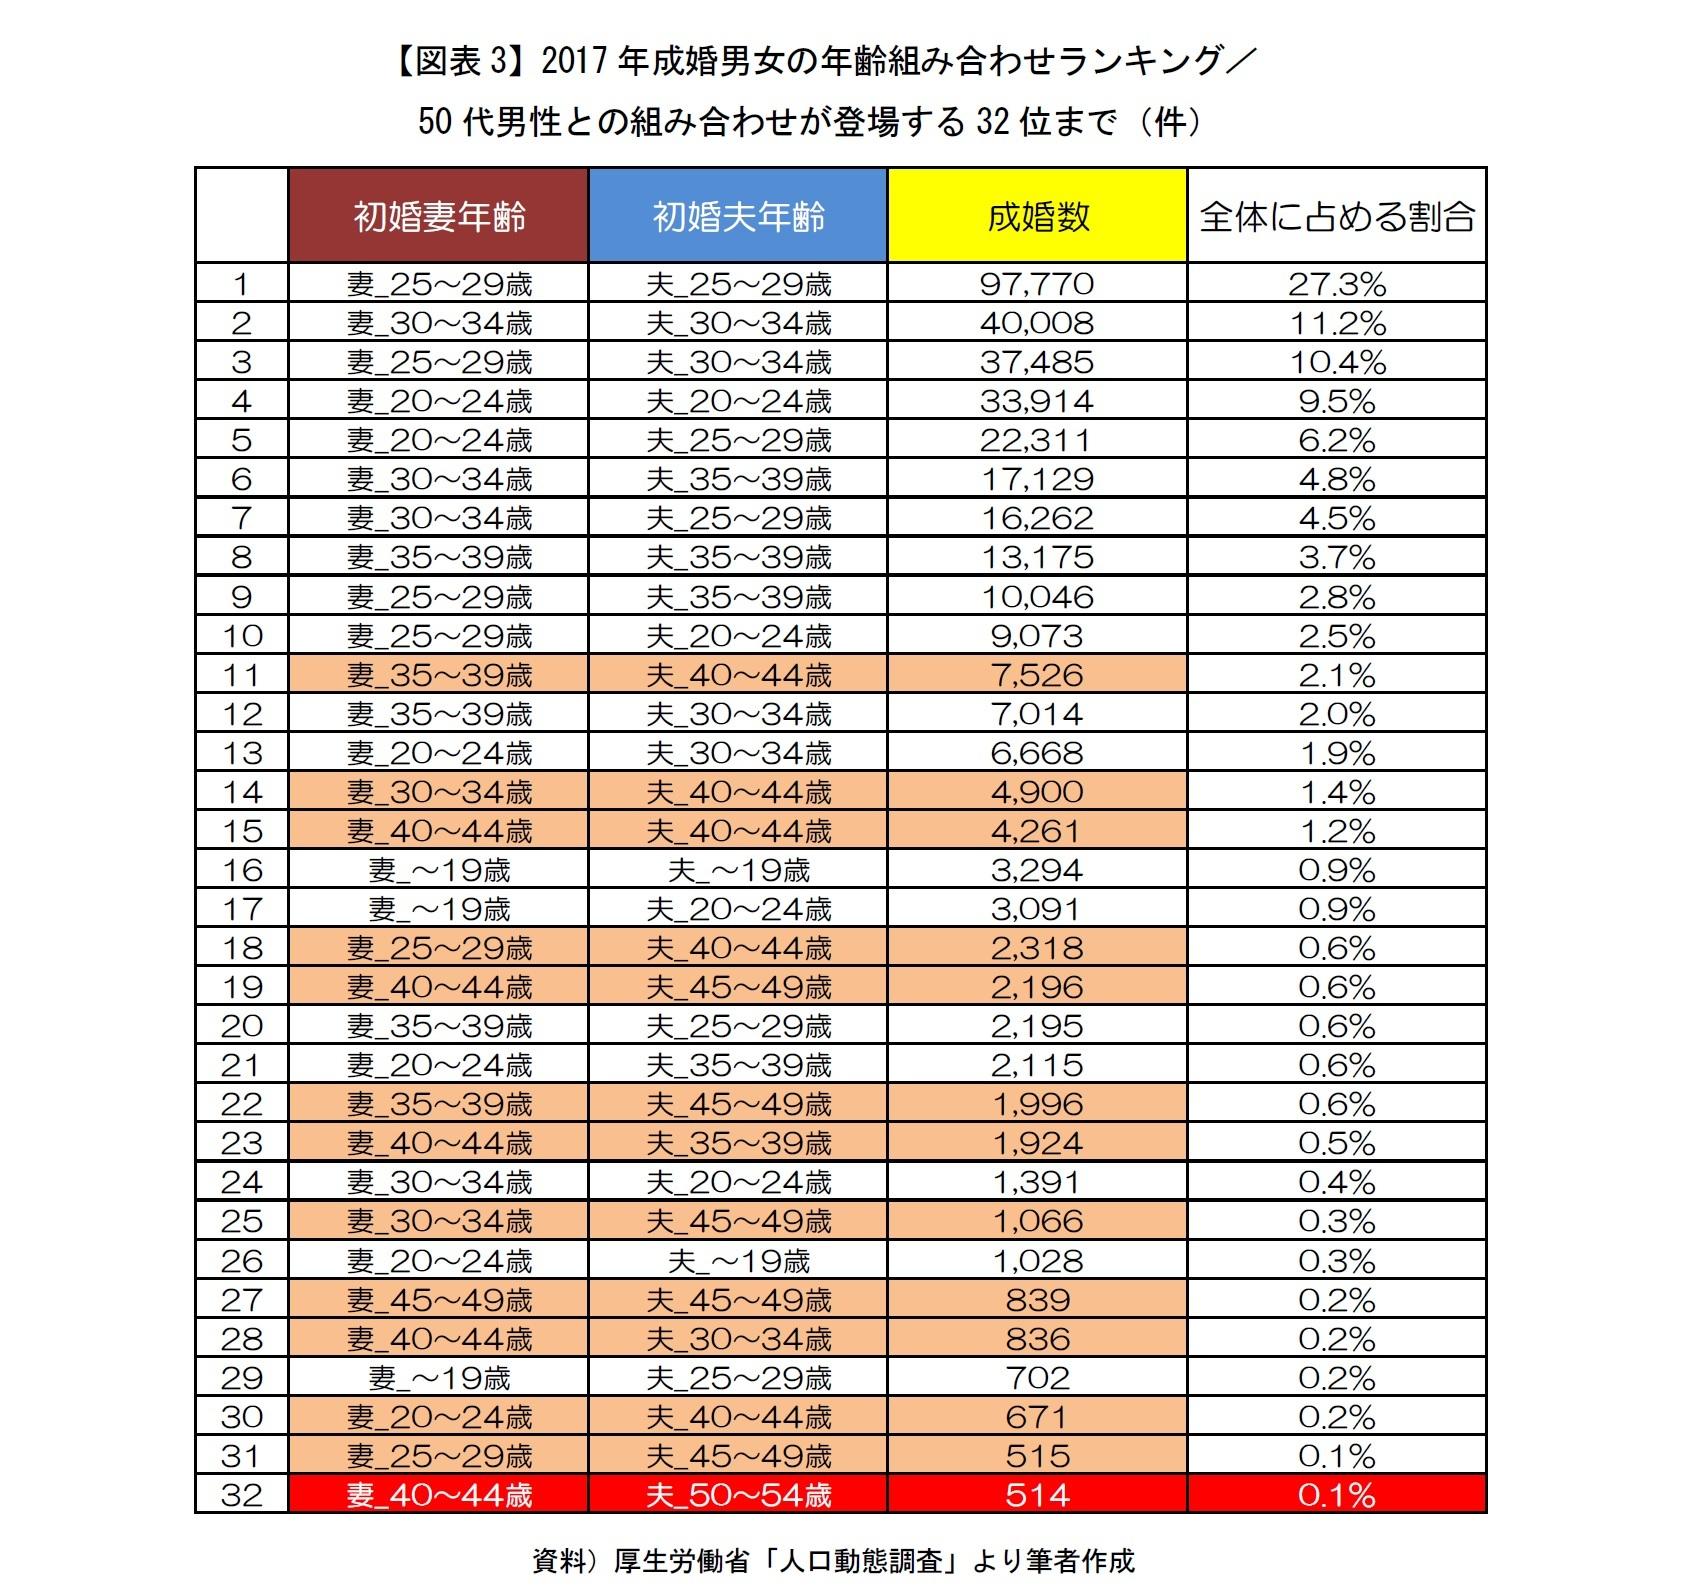 【図表3】2017年成婚男女の年齢組み合わせランキング/50代男性との組み合わせが登場する32位まで(件)